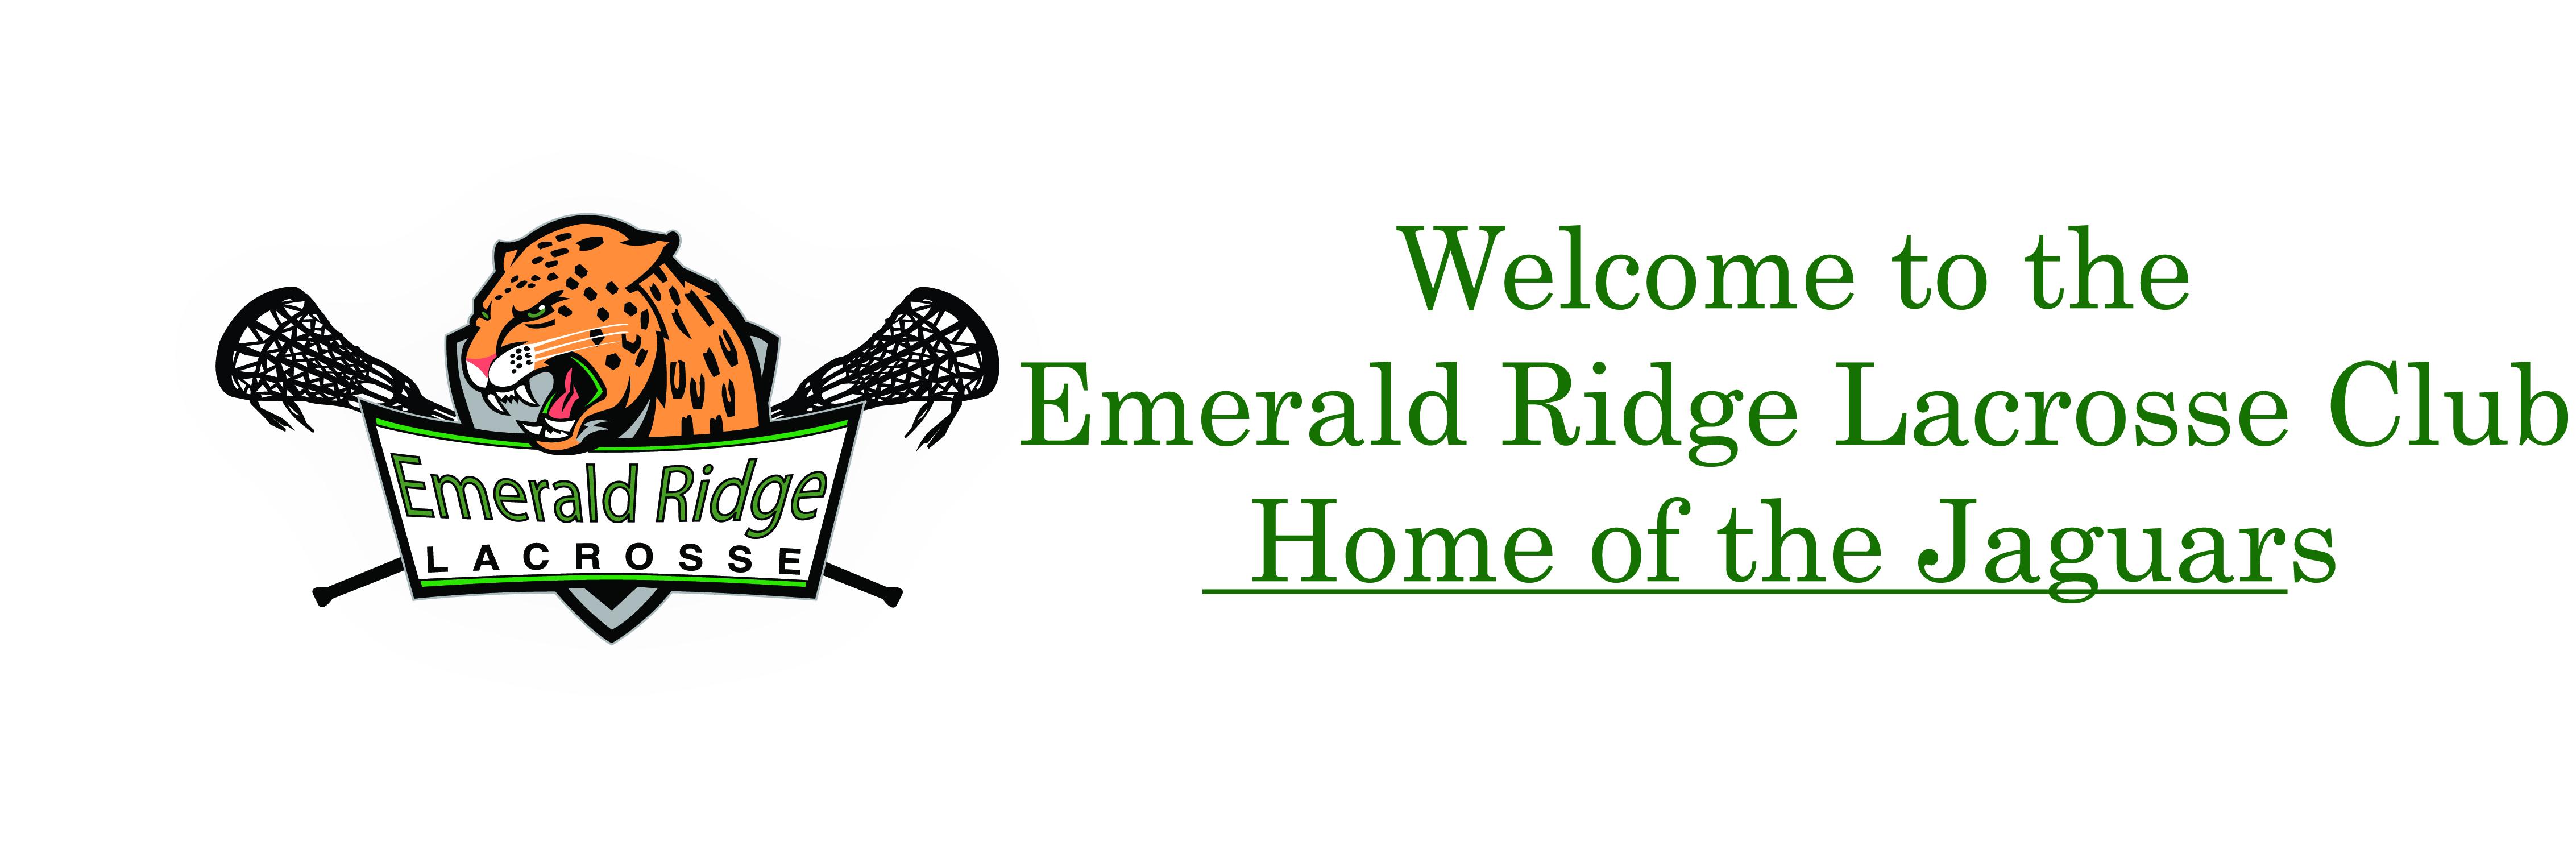 Emerald Ridge Lacrosse Club, Lacrosse, Goal, Field